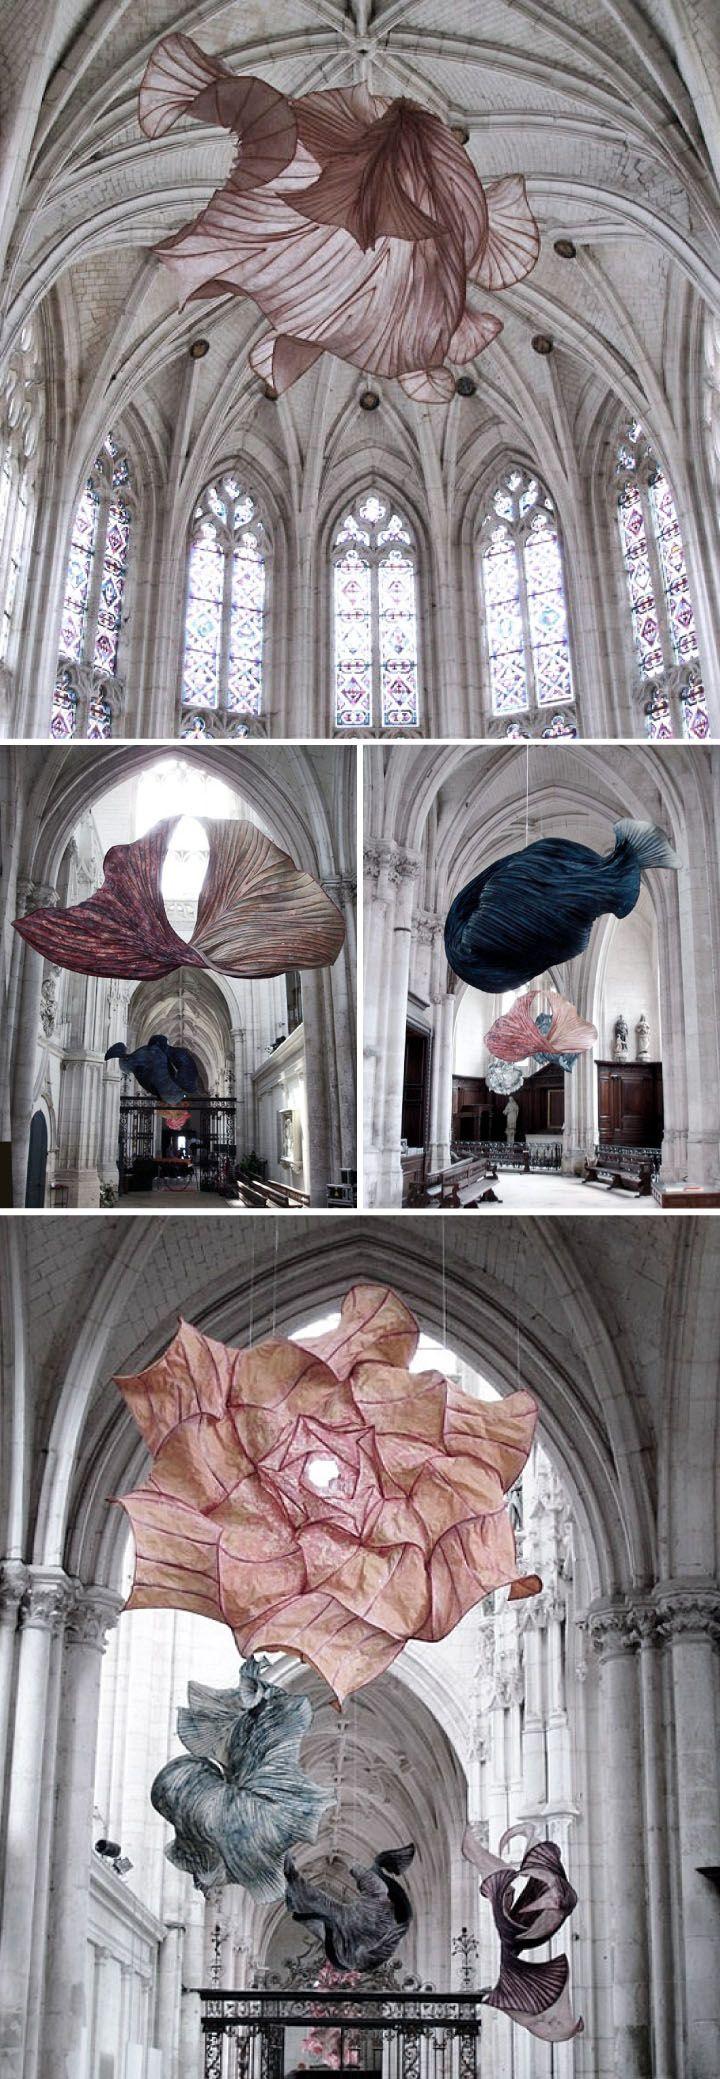 Peter Gentenaar paper & bamboo sculptures hanging ceiling installation fluid movement light air dance fabric